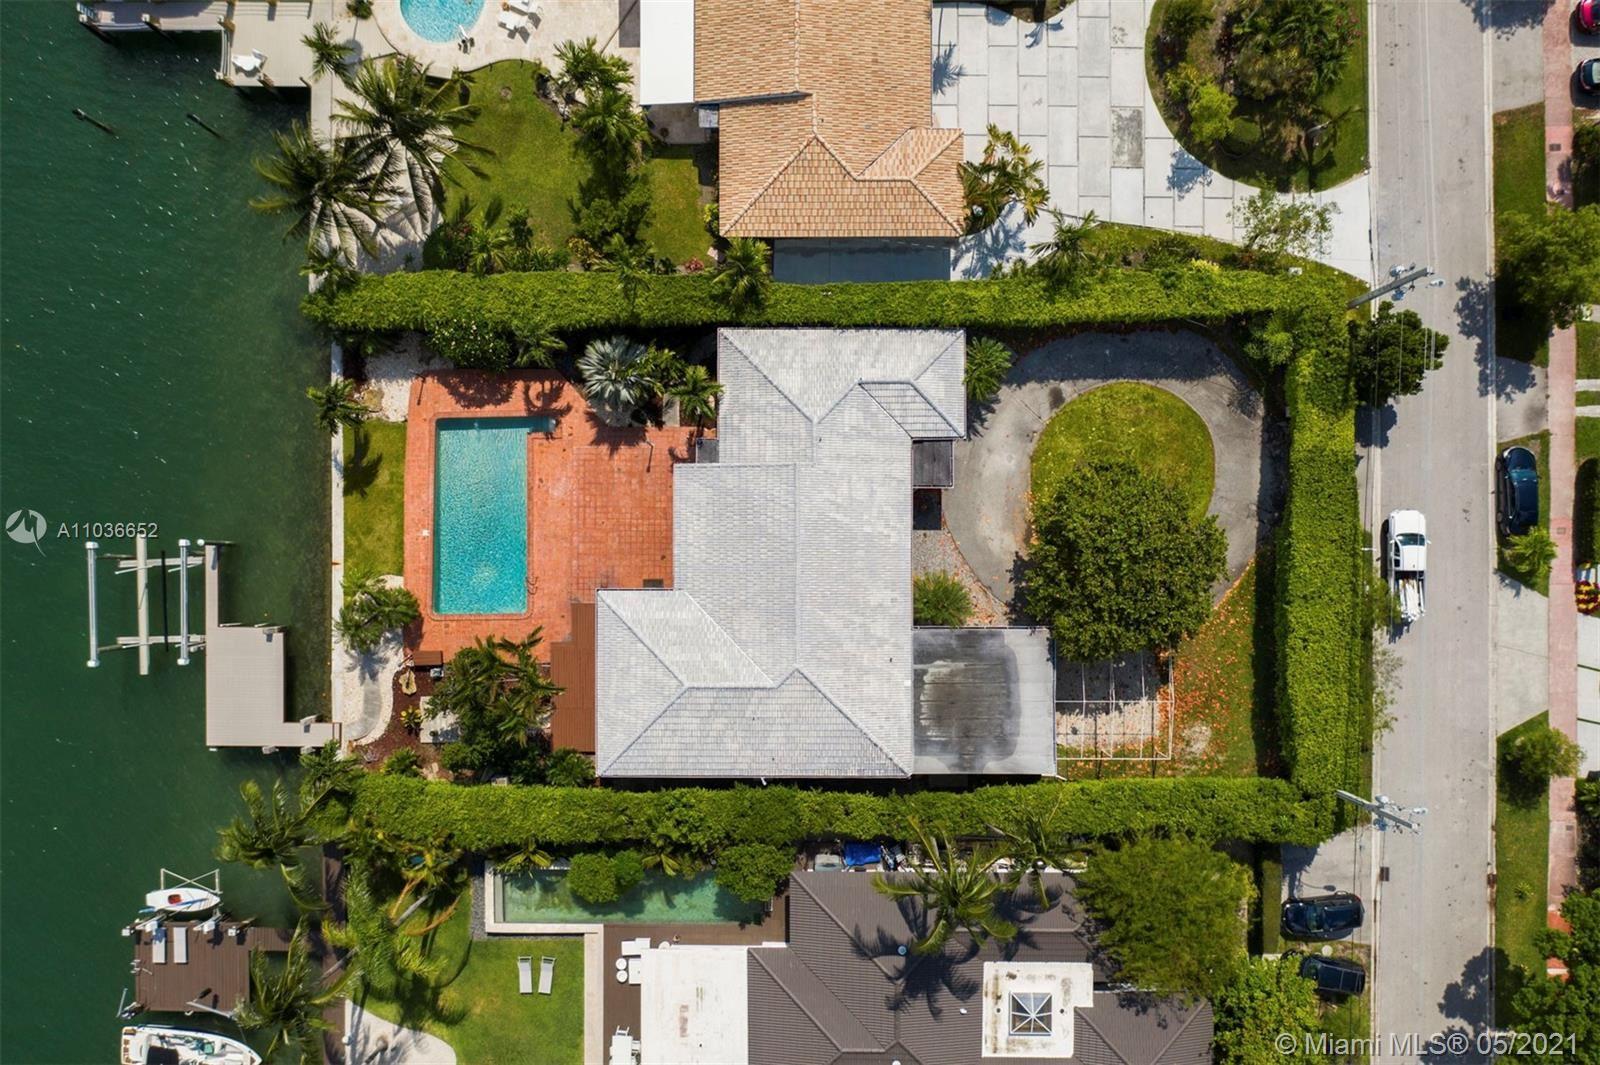 Photo of 345 N Shore Dr, Miami Beach, FL 33141 (MLS # A11036652)